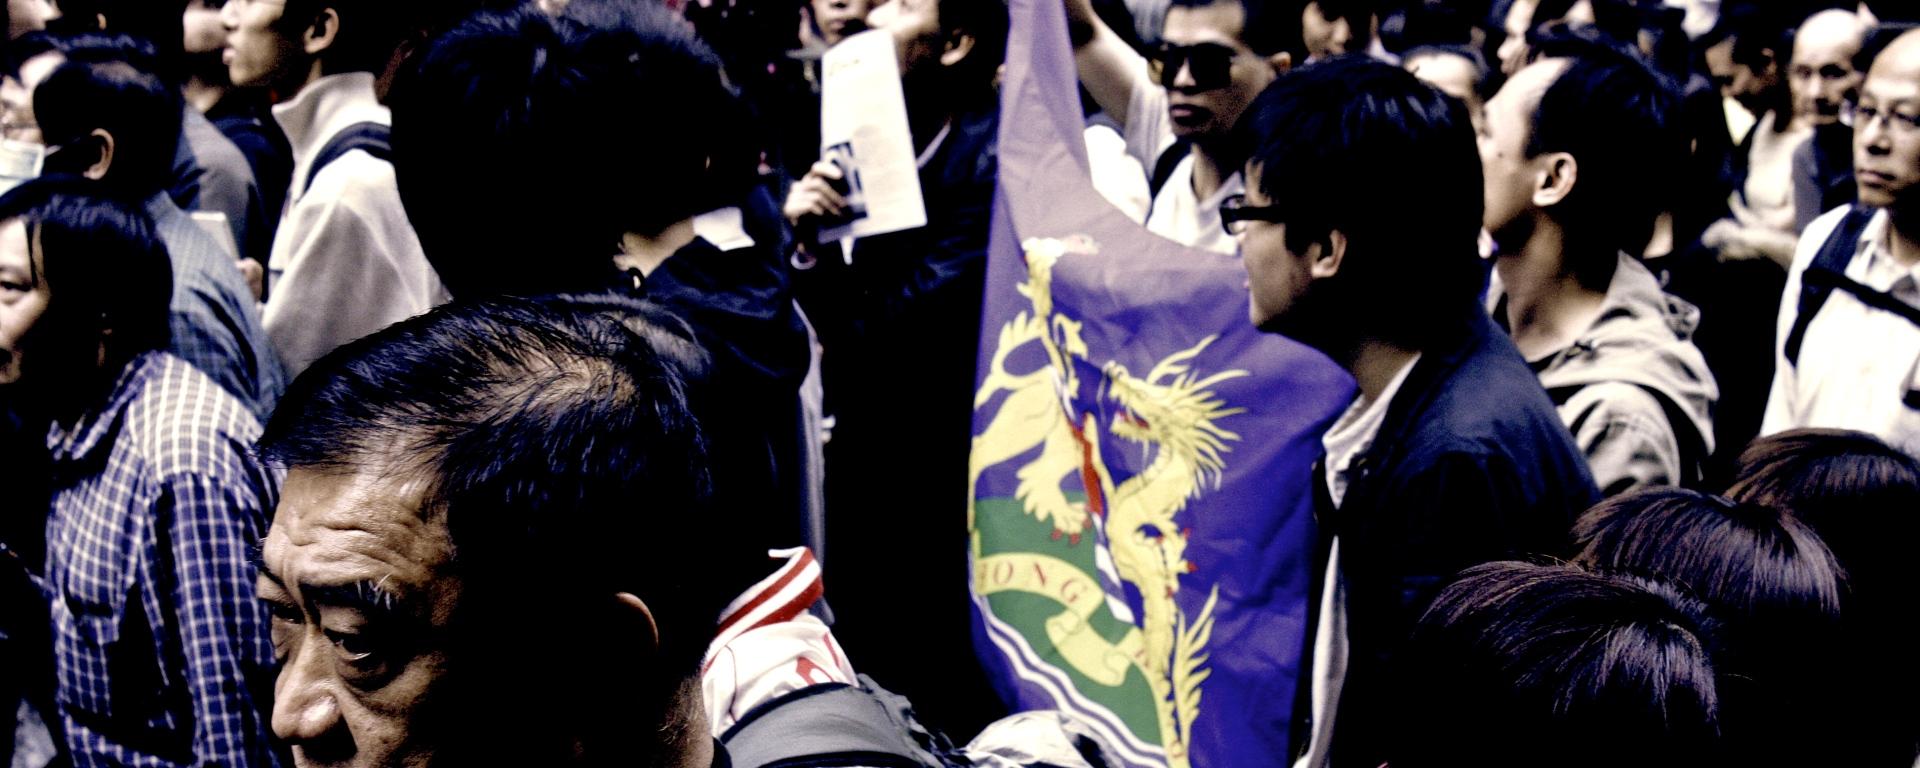 Riots in Hong Kong